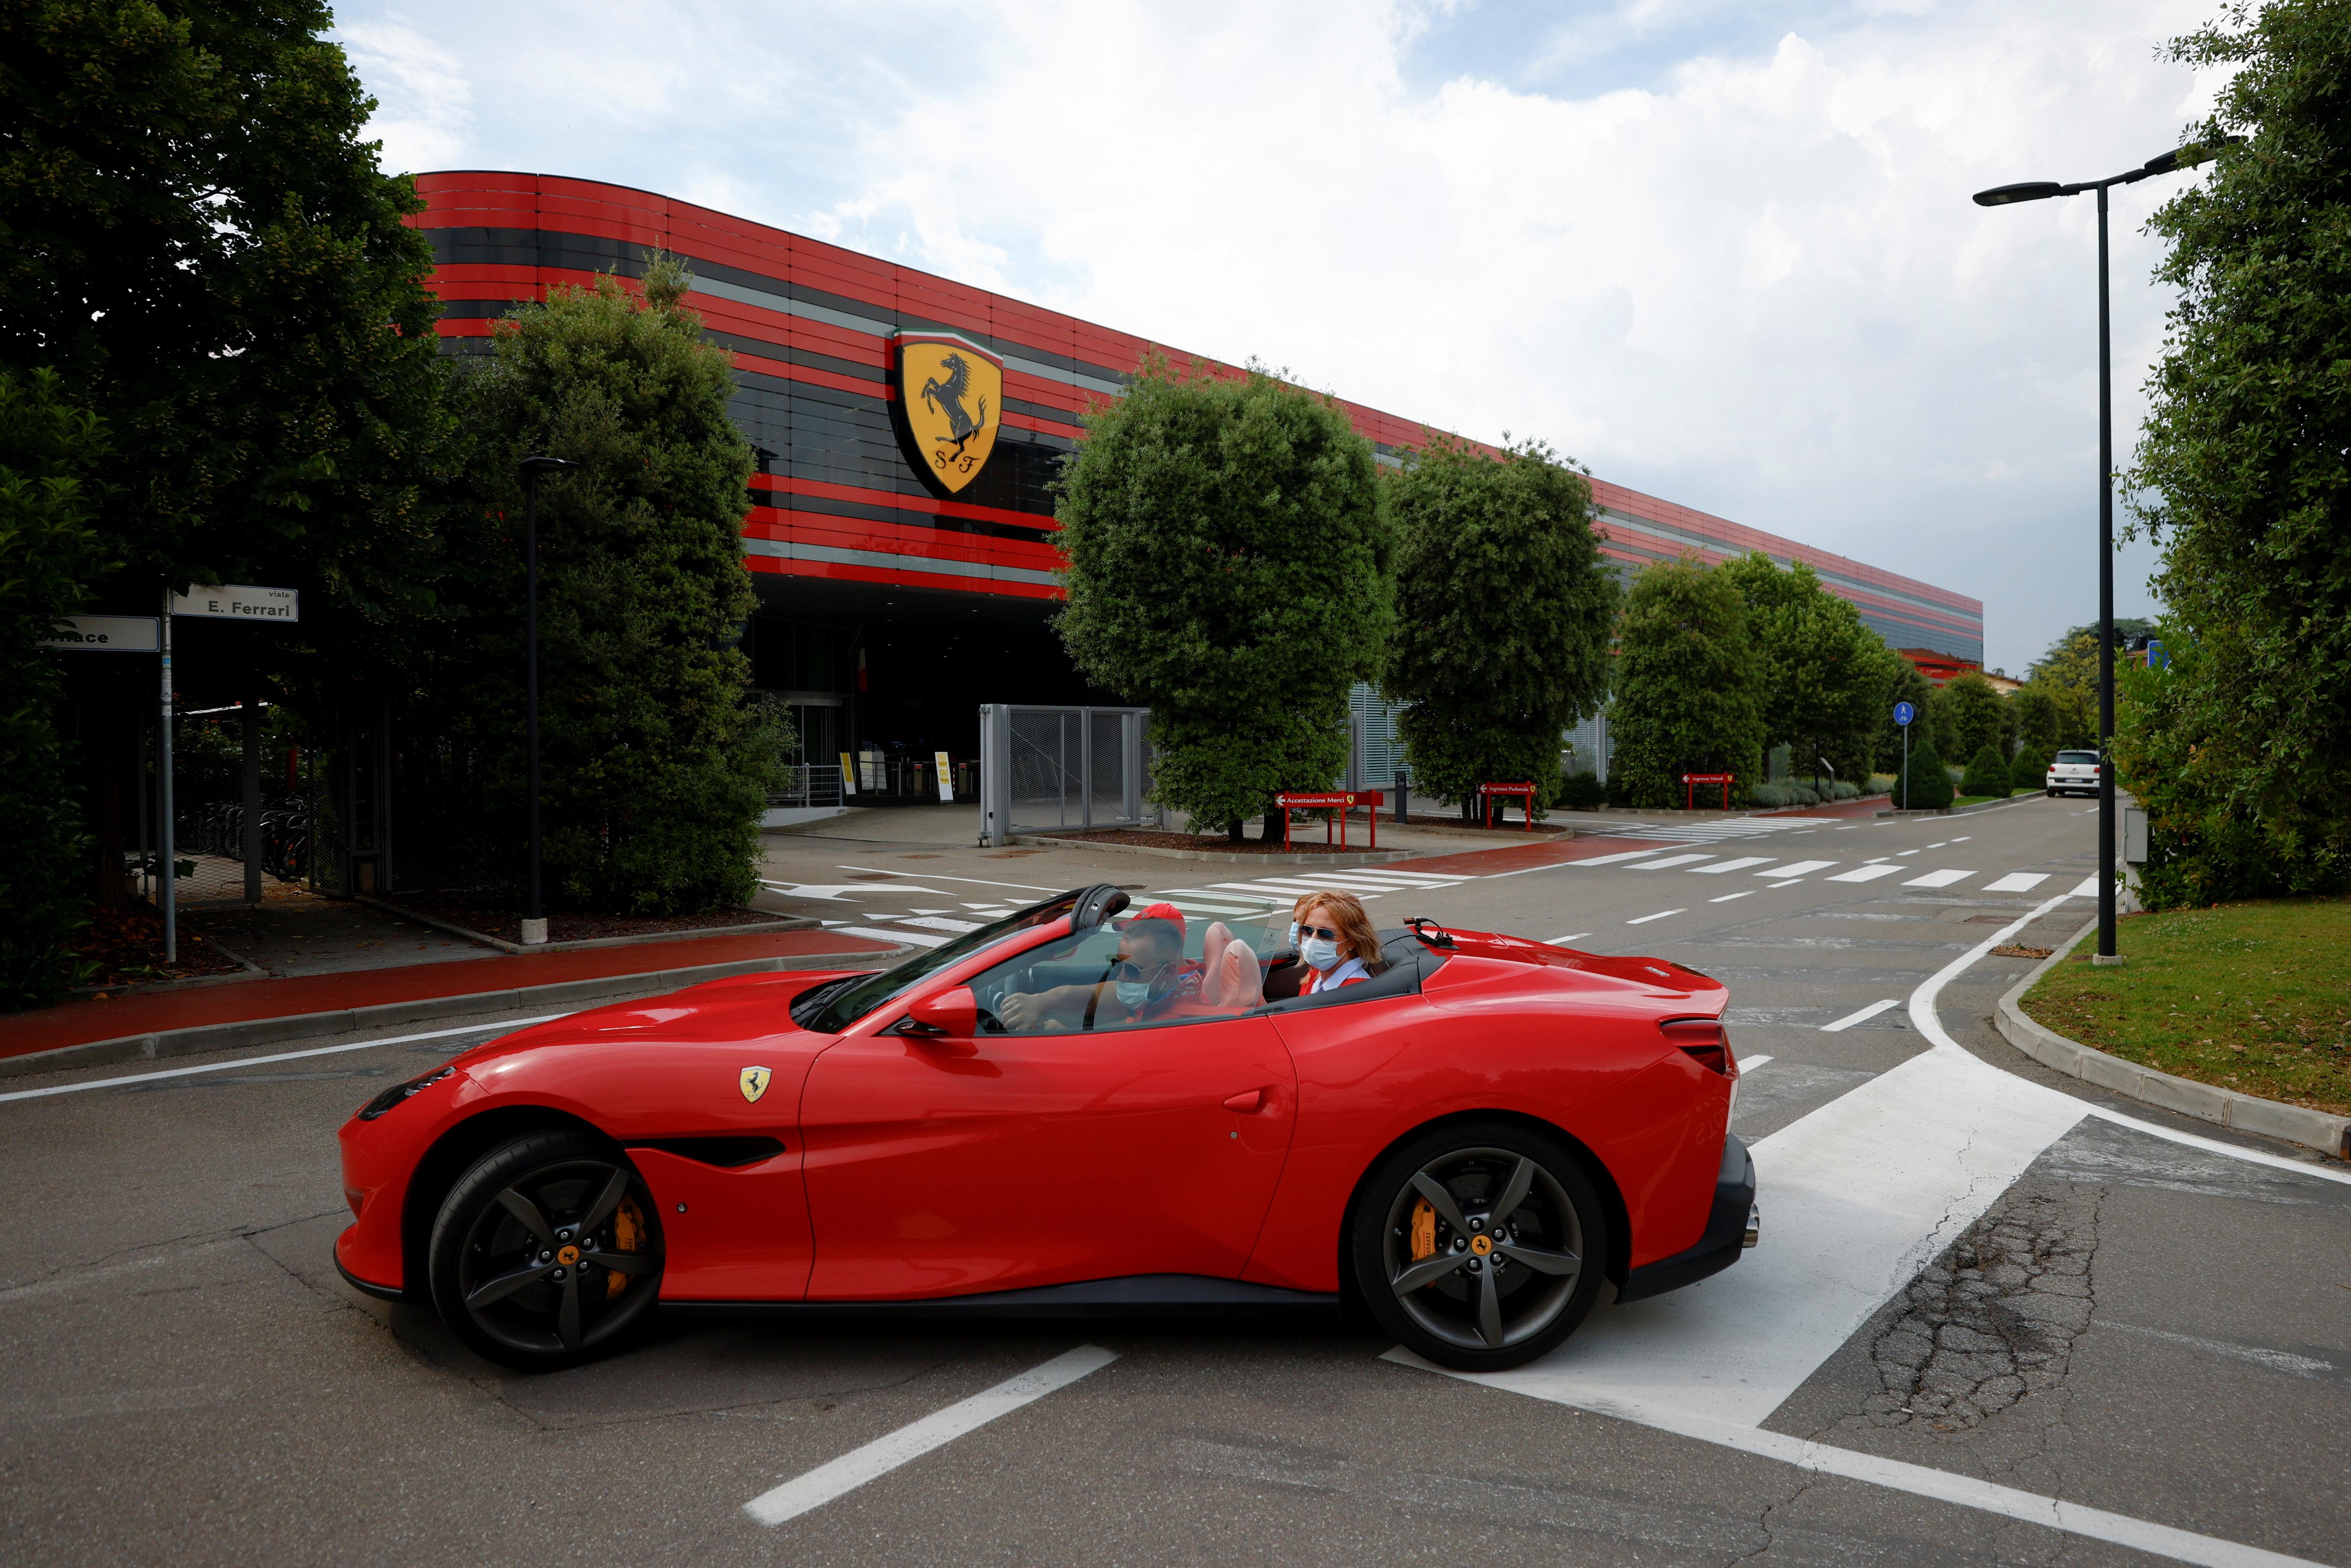 A man drives a Ferrari past the company's headquarters in Maranello, Italy, June 8, 2021. Picture taken June 8, 2021. REUTERS/Guglielmo Mangiapane